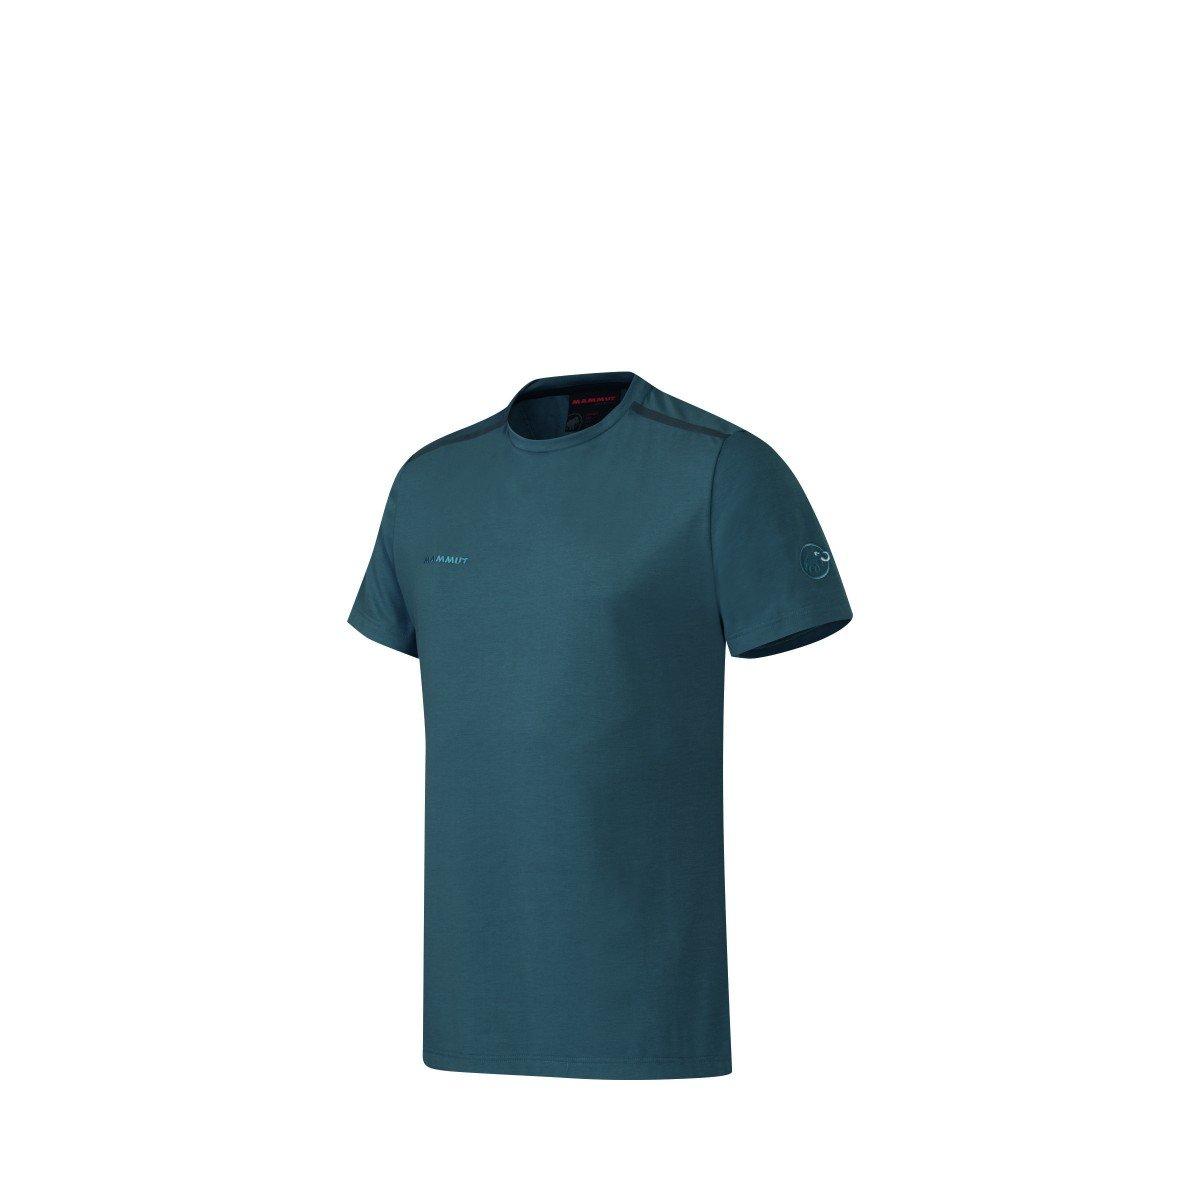 Mammut Trovat Tour T-Shirt Men - Funktionsshirt